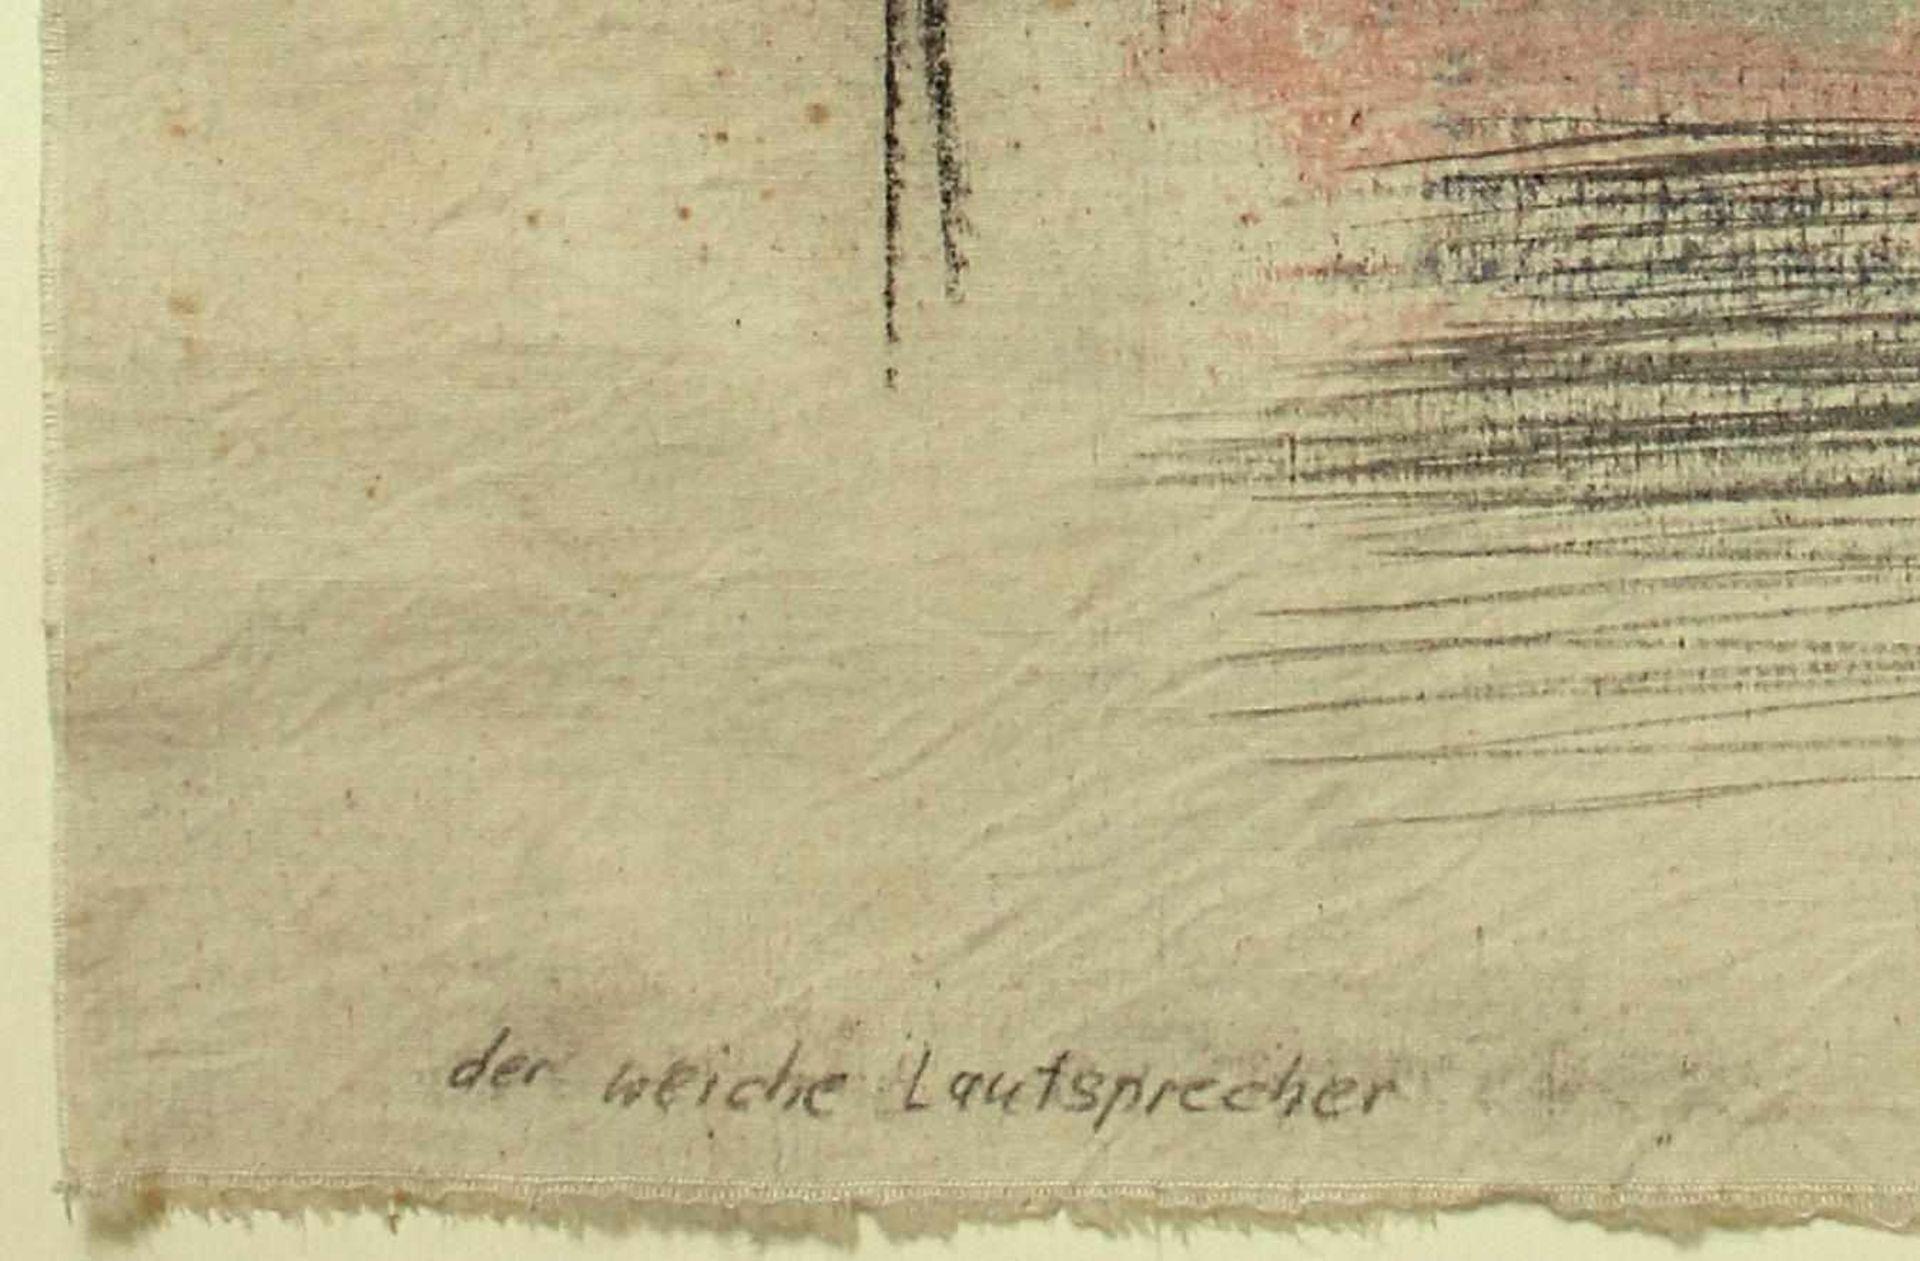 Marc Adrian 1930-2008 Der weiche Lautsprecher 1973 Öl auf Leinwand handsigniert, betitelt und - Bild 4 aus 4